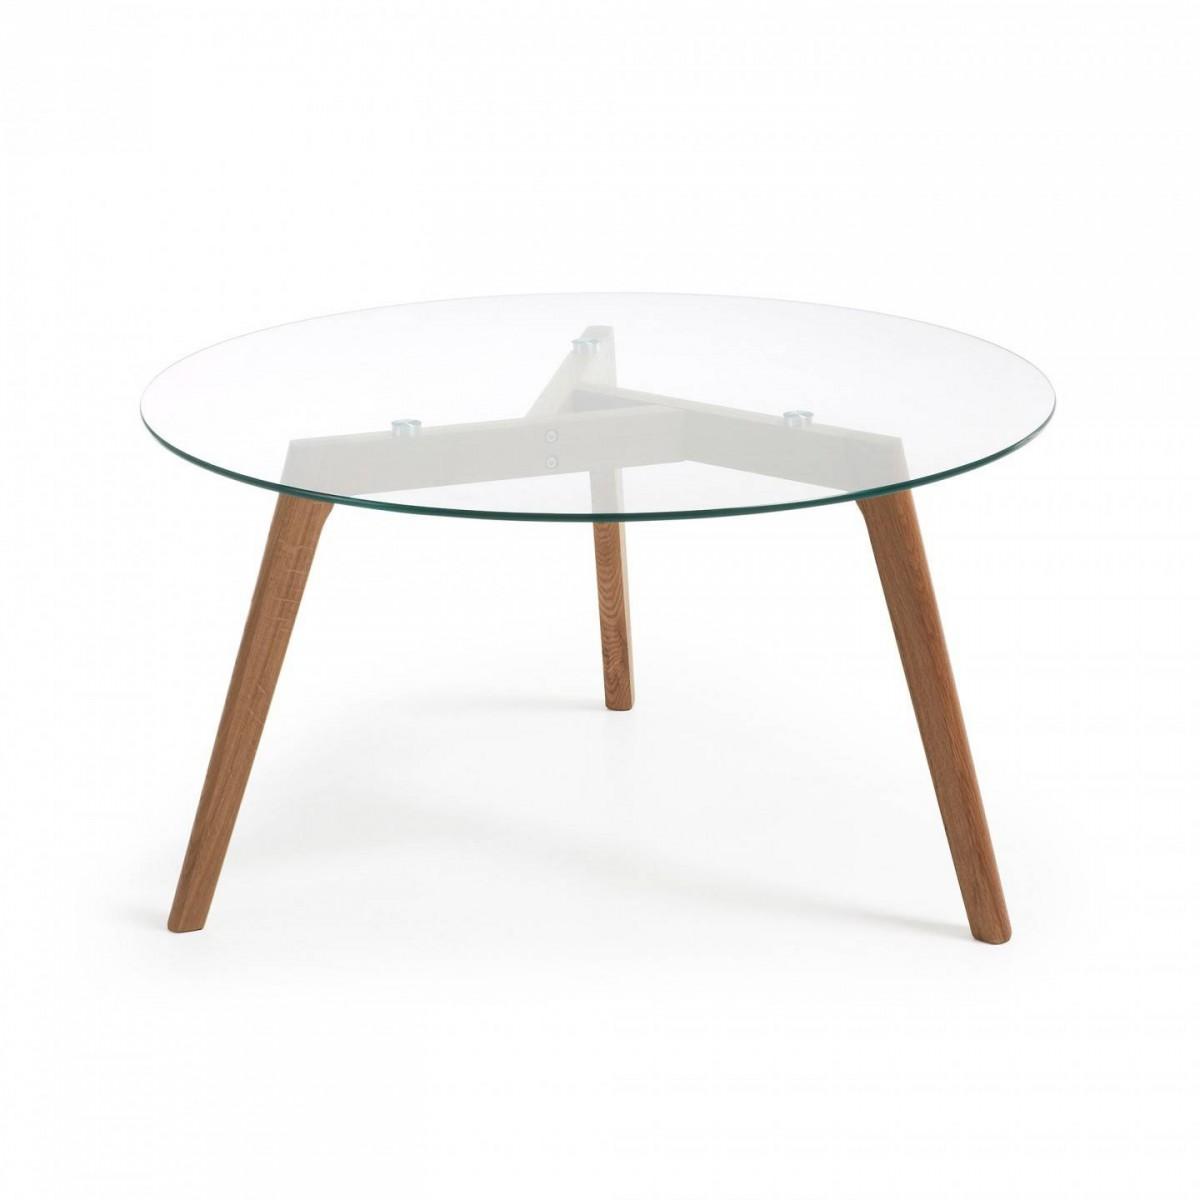 Mesa de centro redonda roble americano cristal nordic style - Mesa centro redonda ...